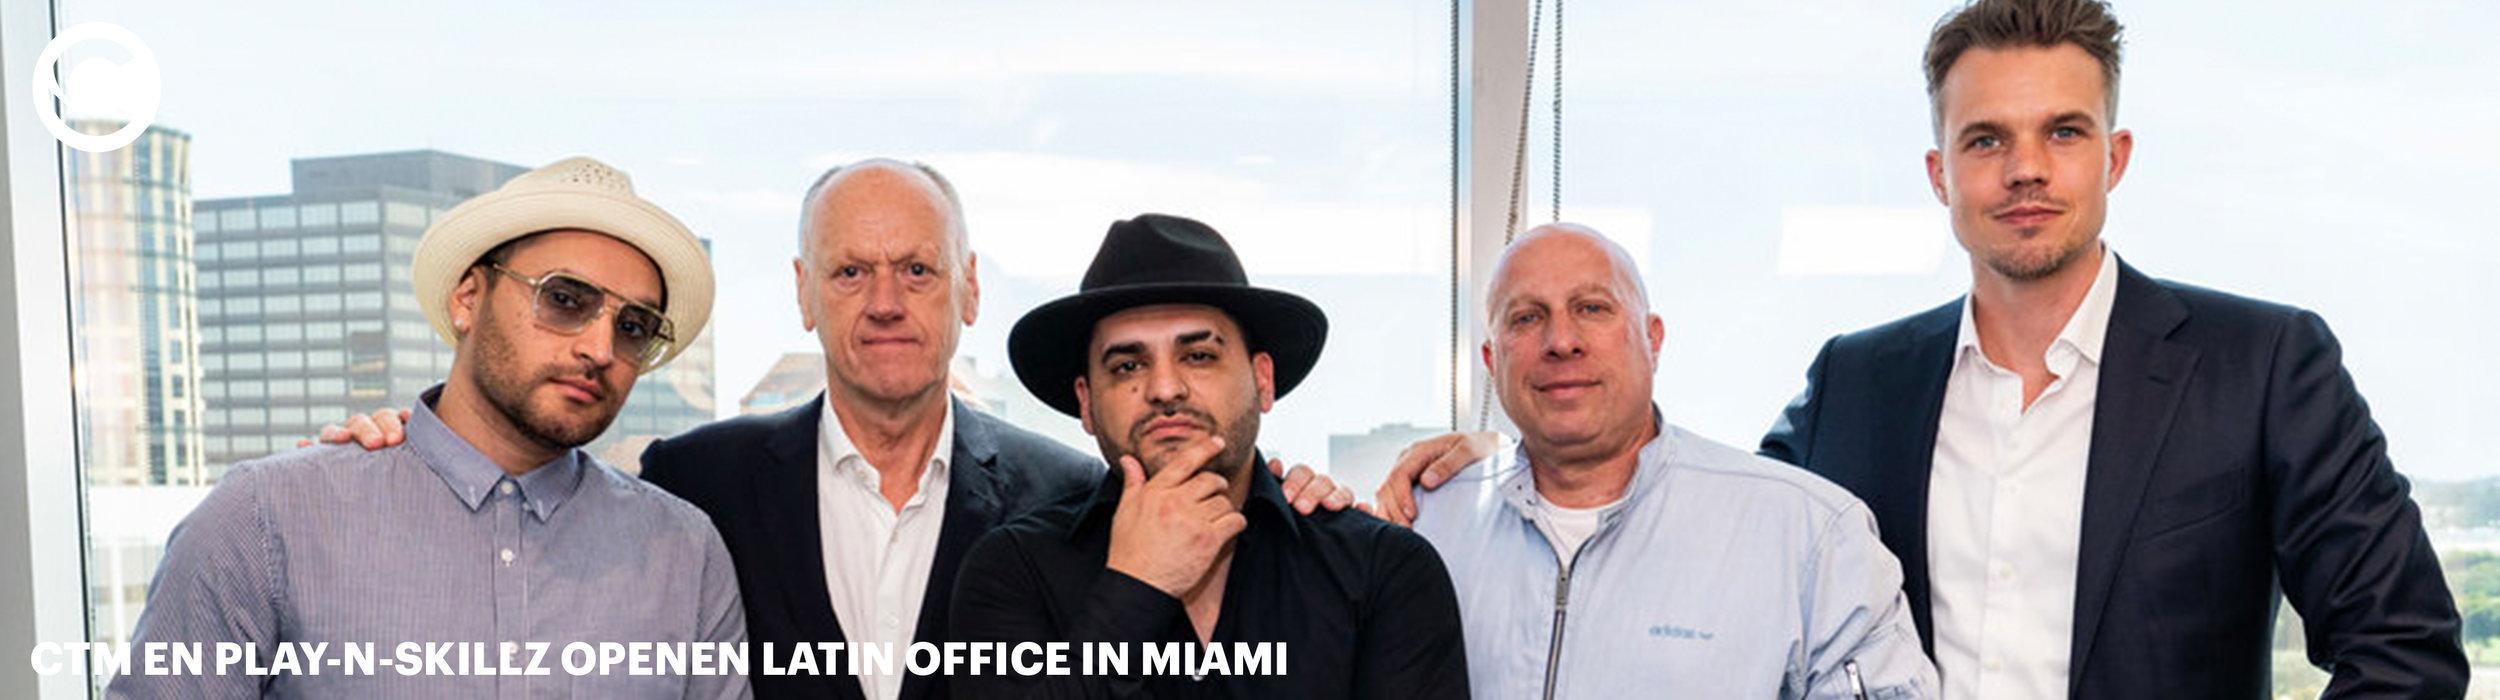 Latin_Office_Banner_NL.jpg